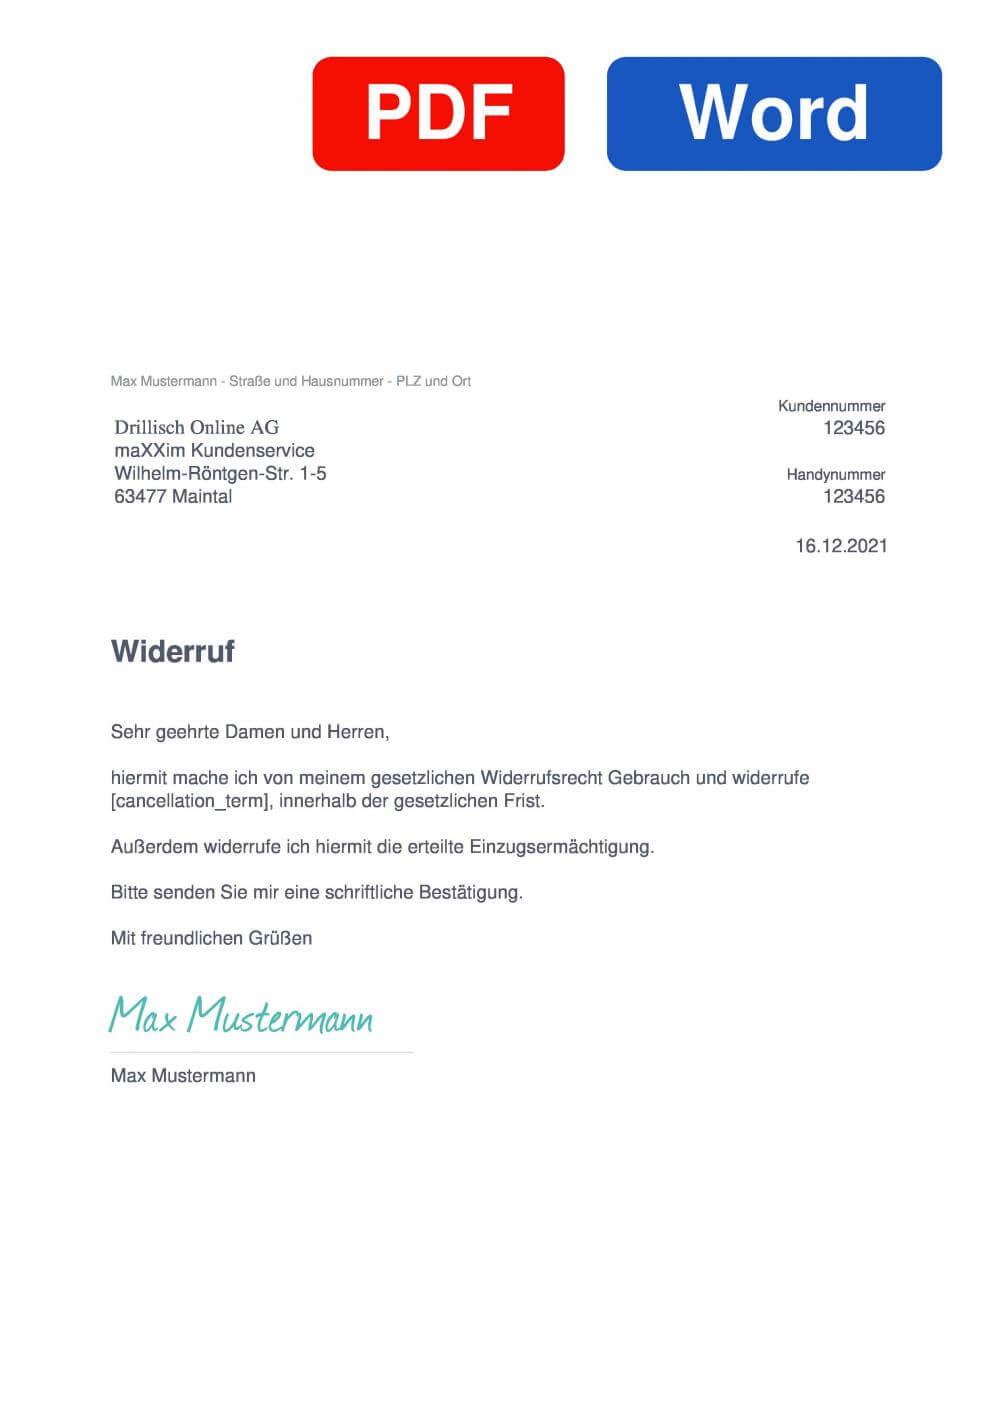 maxxim  Muster Vorlage für Wiederrufsschreiben